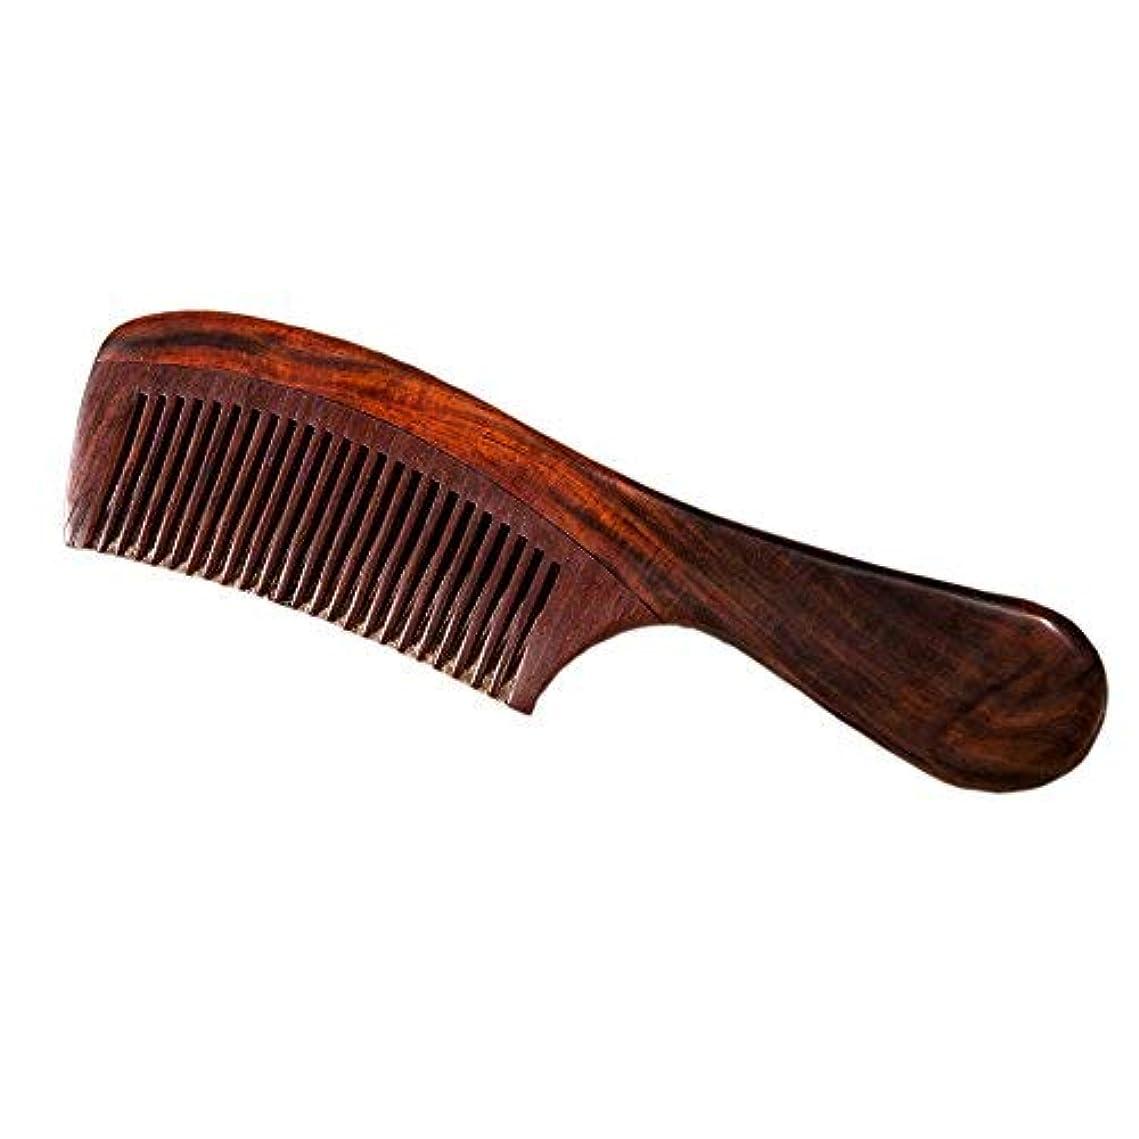 亡命いたずら富豪Natural Redwood Hair Comb, No Static Handmade Medium Tooth Hair Comb, Smooth and Comfortable Message Wood Comb with Handle 19cm [並行輸入品]